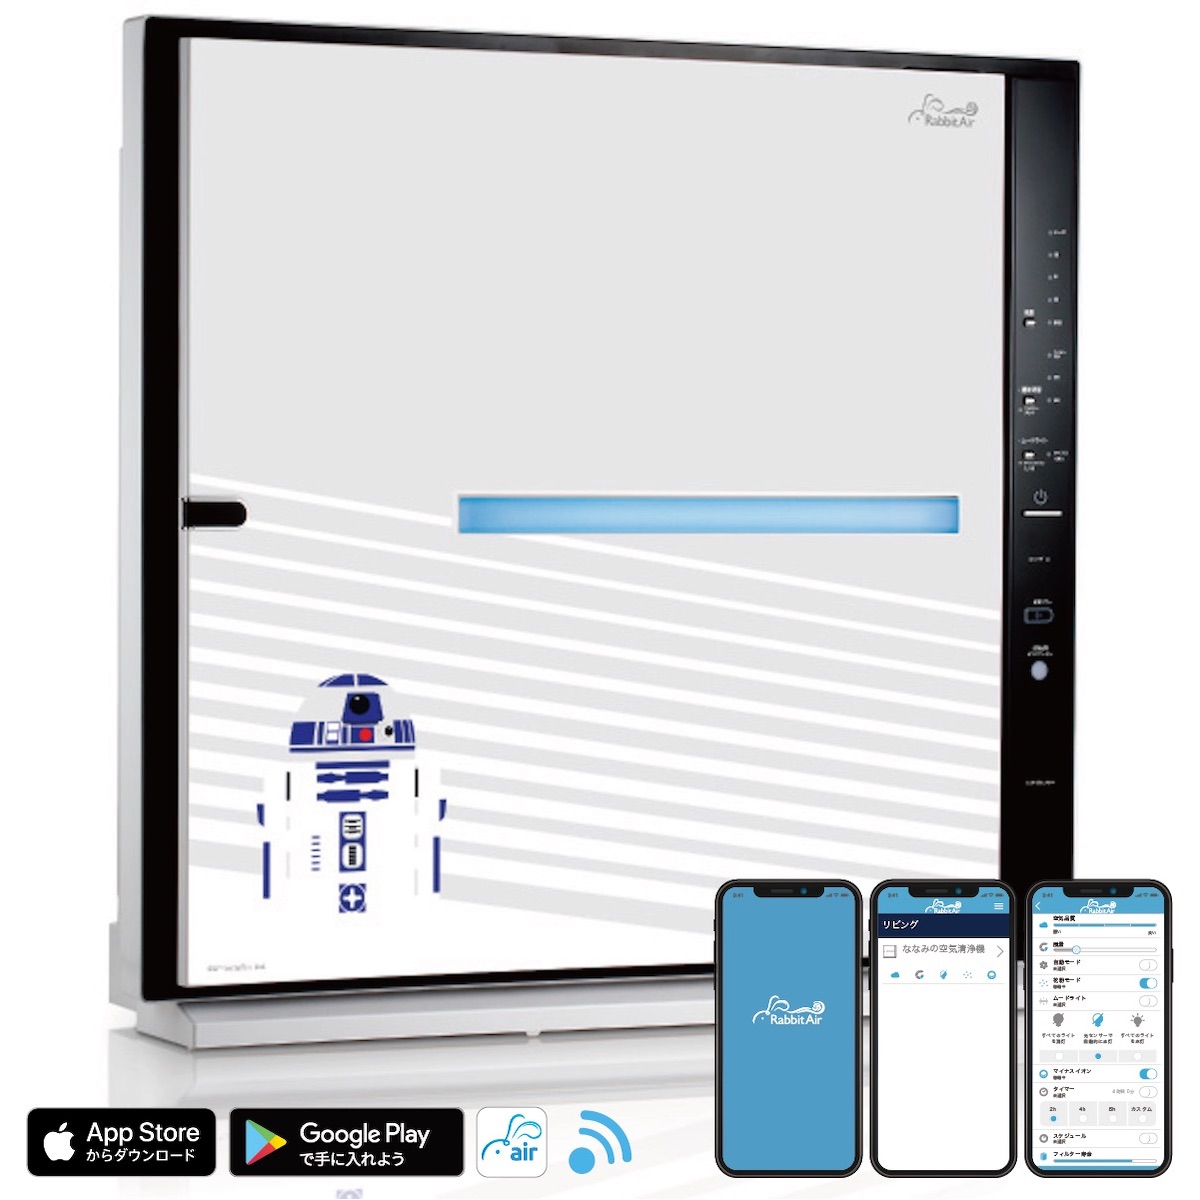 空気清浄機: Rabbit Air MinusA2 スター・ウォーズ Special Edition (R2-D2) Wi-Fi-モデル